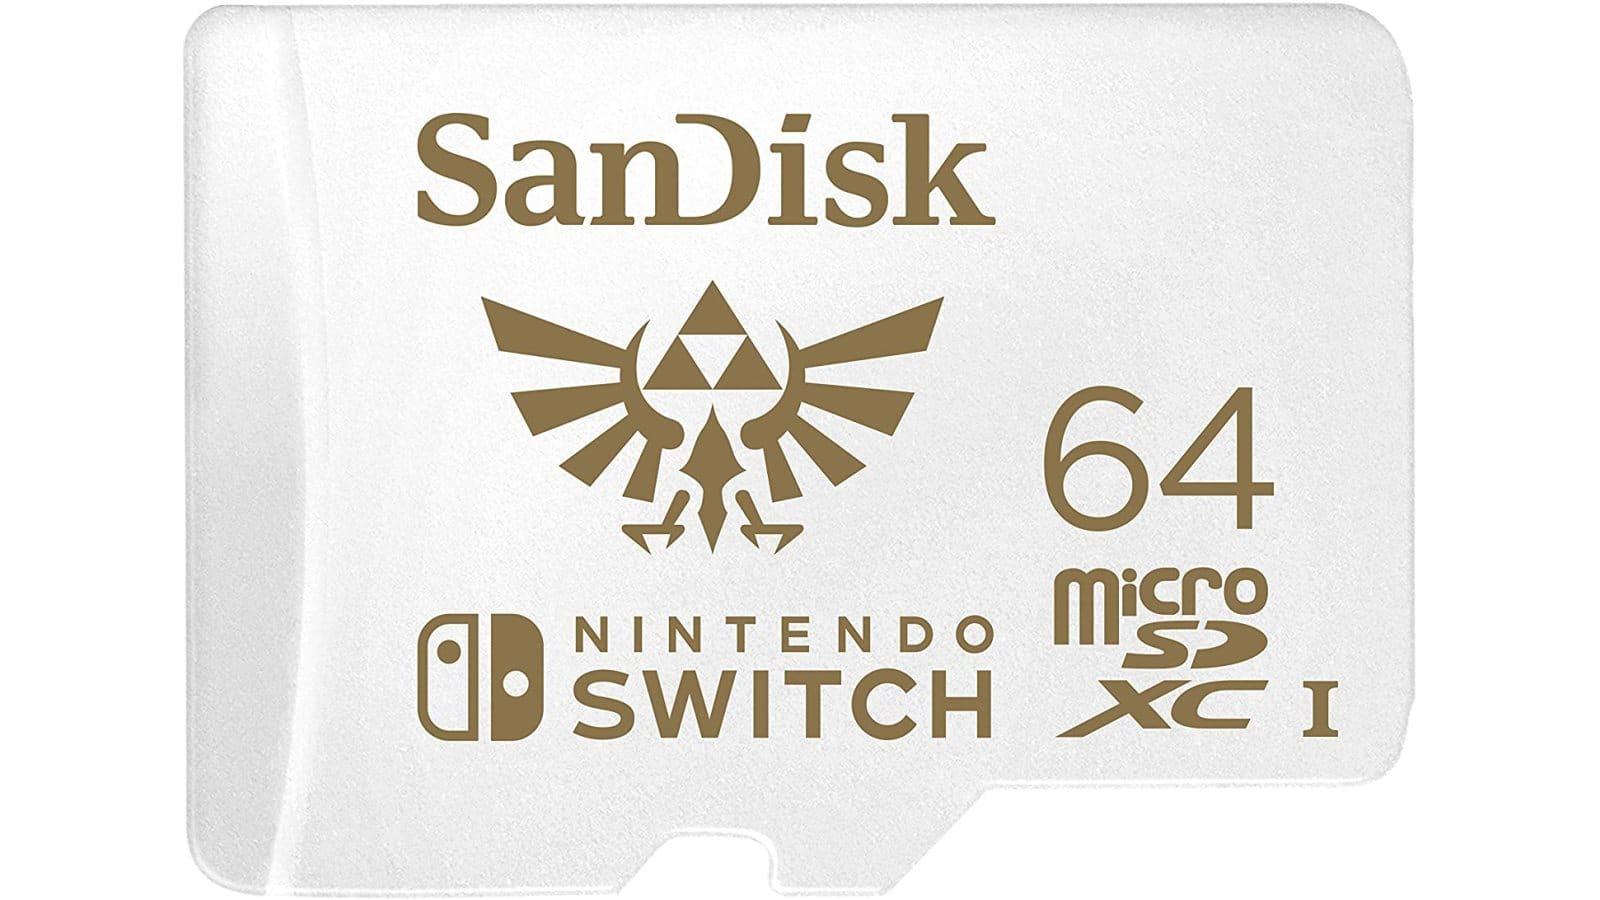 כרטיס זיכרון בנפח 64 גיגה בייט בעיצוב משחקי The Legend of Zelda - כרטיס